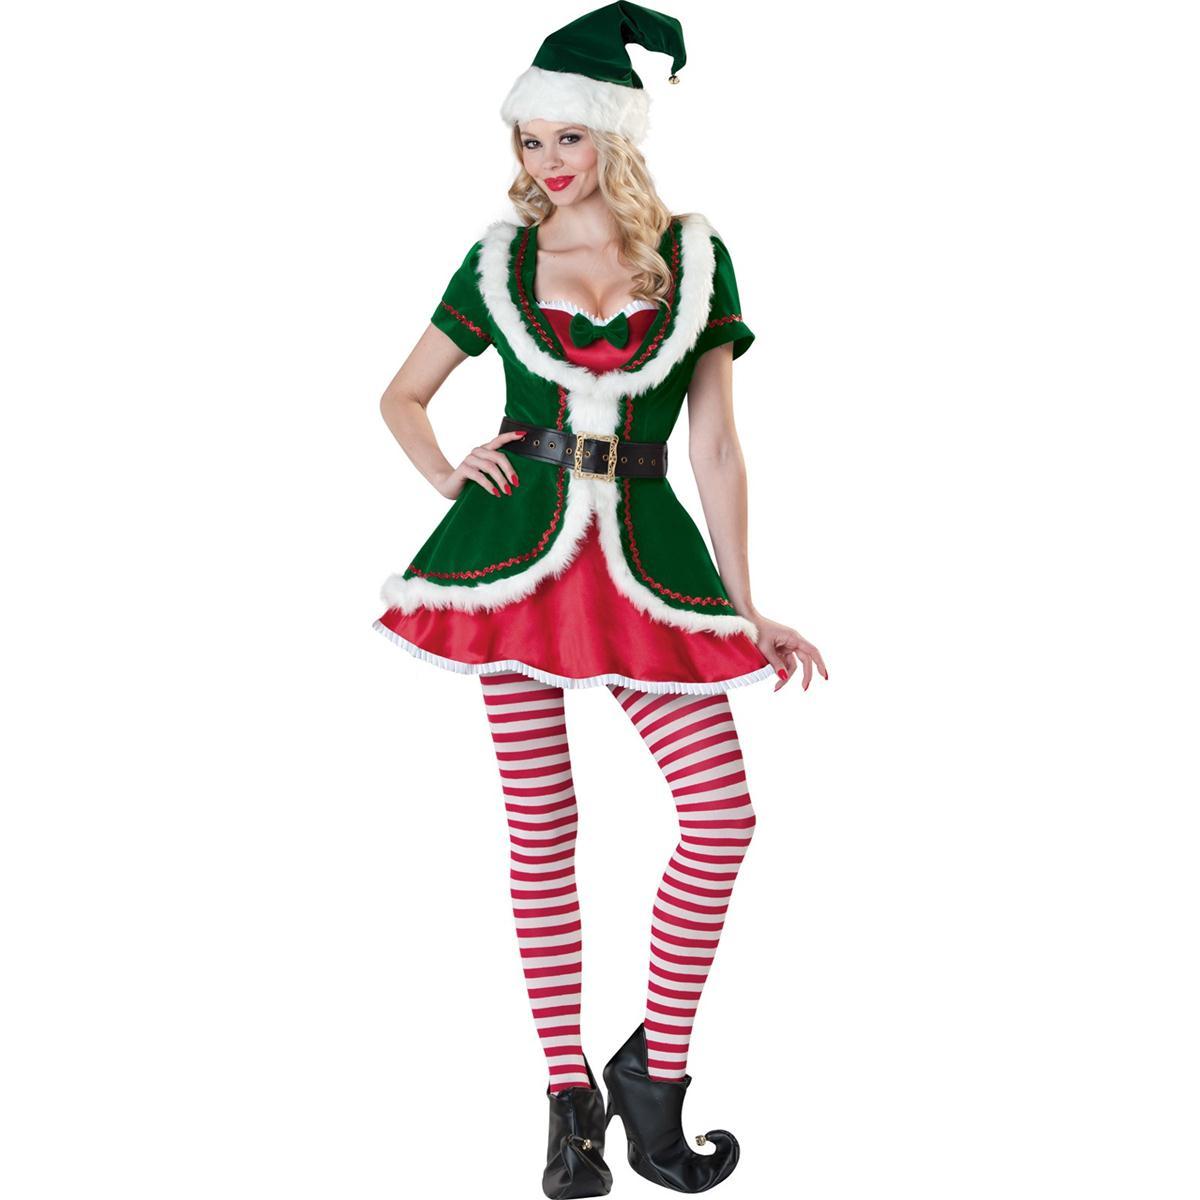 クリスマス サンタ コスプレ ホリデーハニー 大人用コスチューム 衣装 安い プレゼント